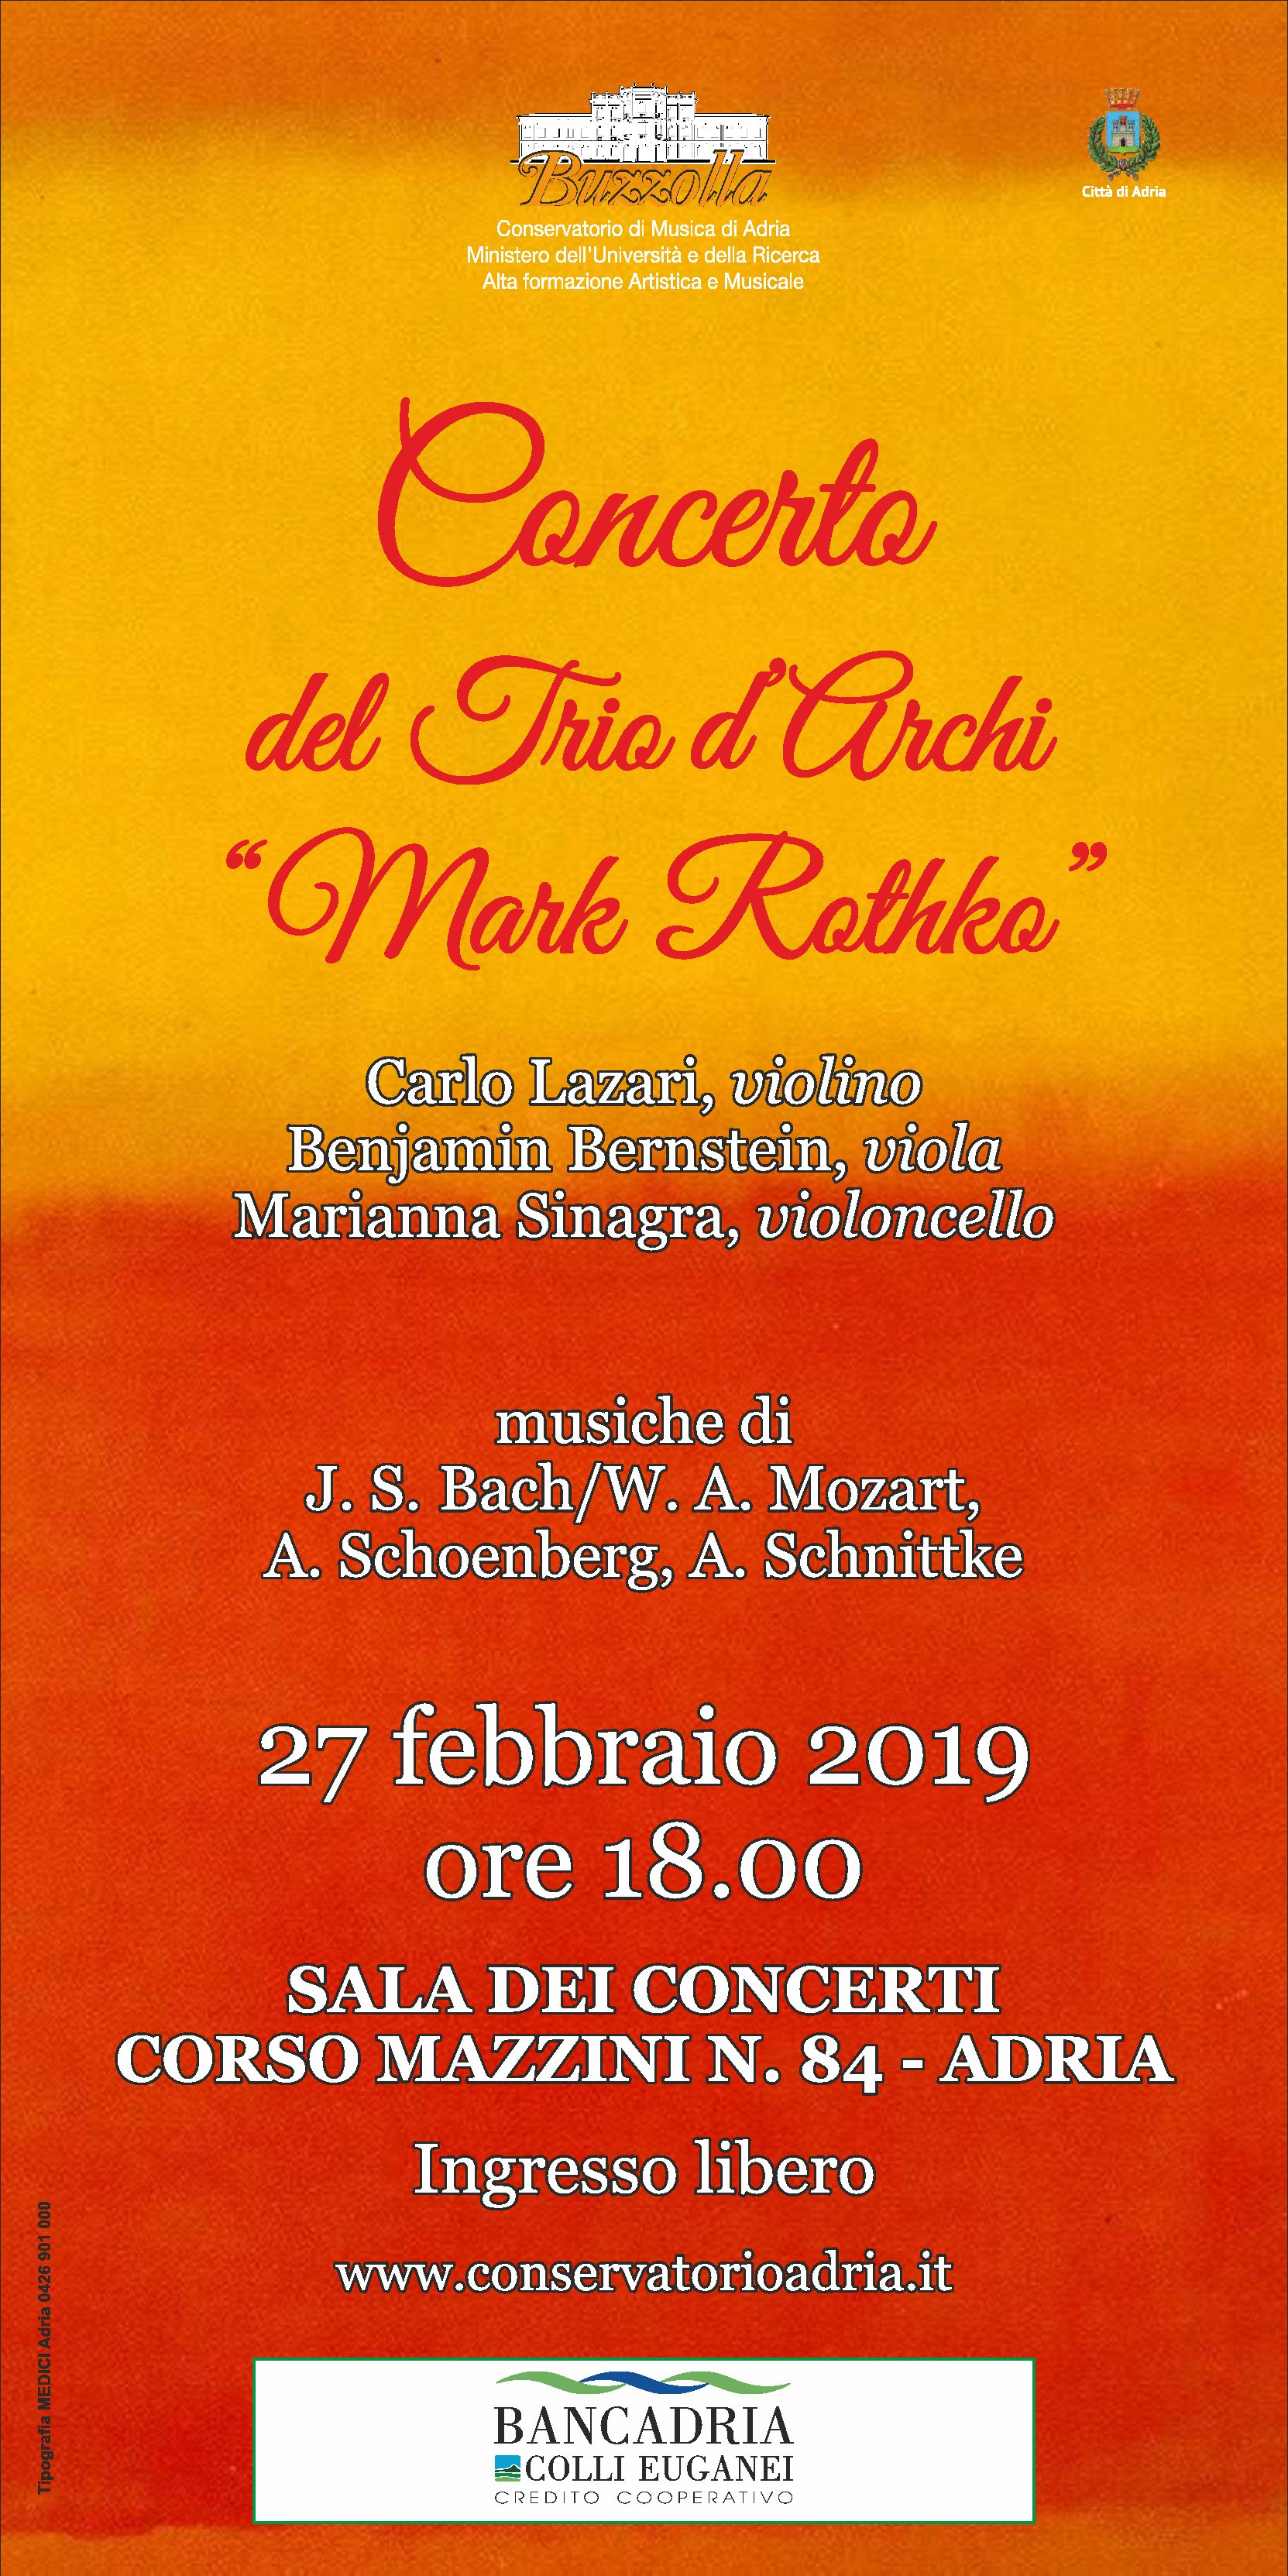 """27 febbraio 2019 – ore 18.00, Concerto del Trio d'Archi """"Mark Rothko"""""""